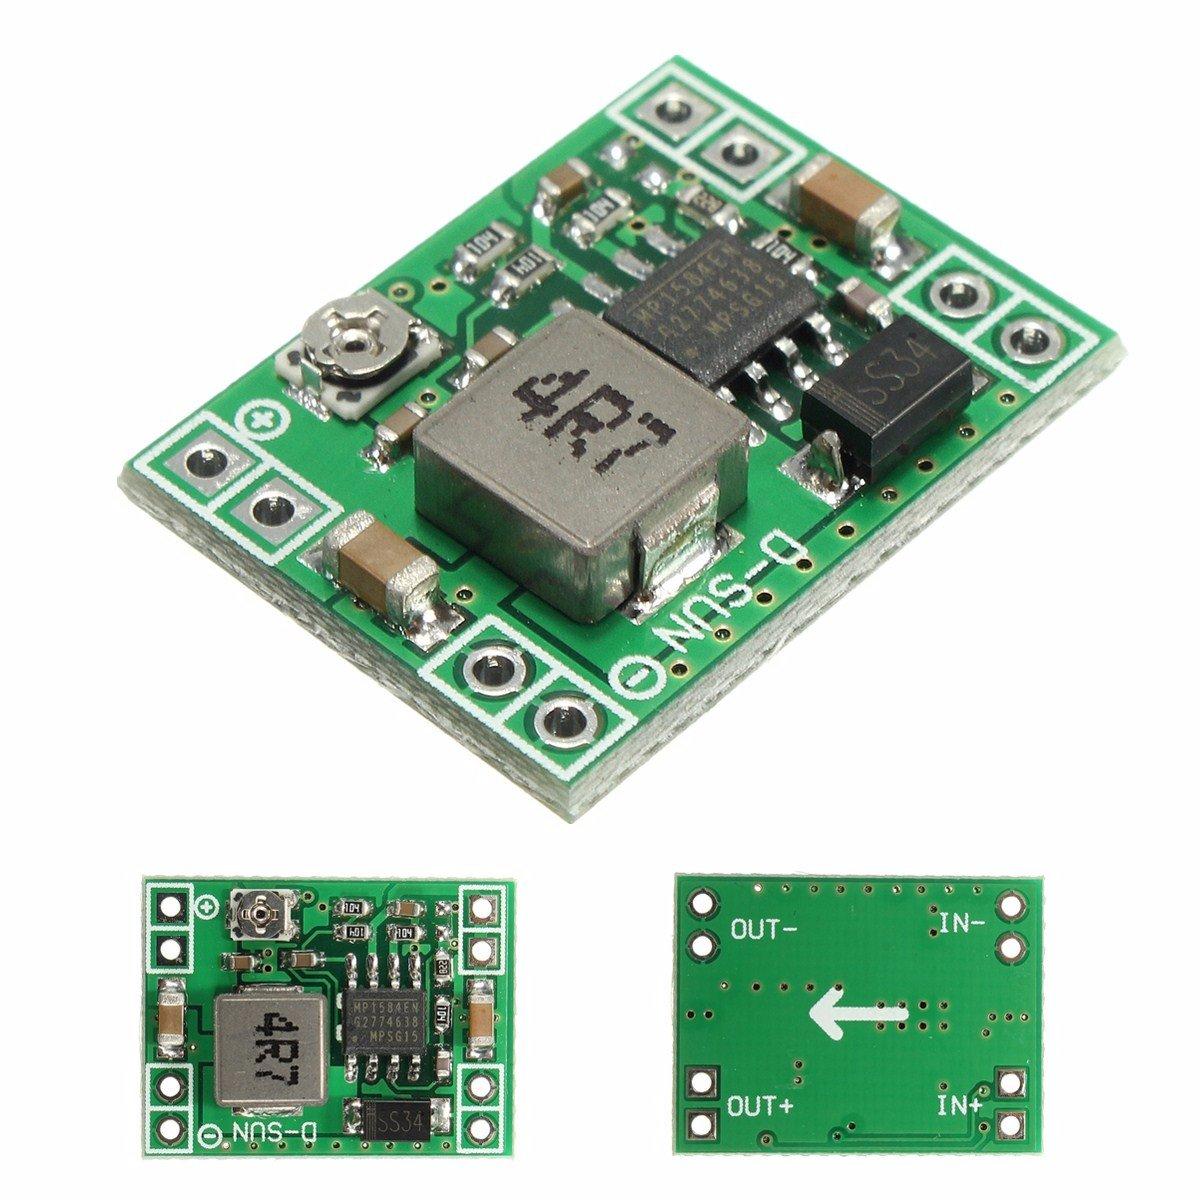 5pcs Mini MP1584EN DC-DC BUCK Adjustable Step Down Module 4.5V-28V Input 0.8V-20V Output - Arduino Compatible SCM & DIY Kits